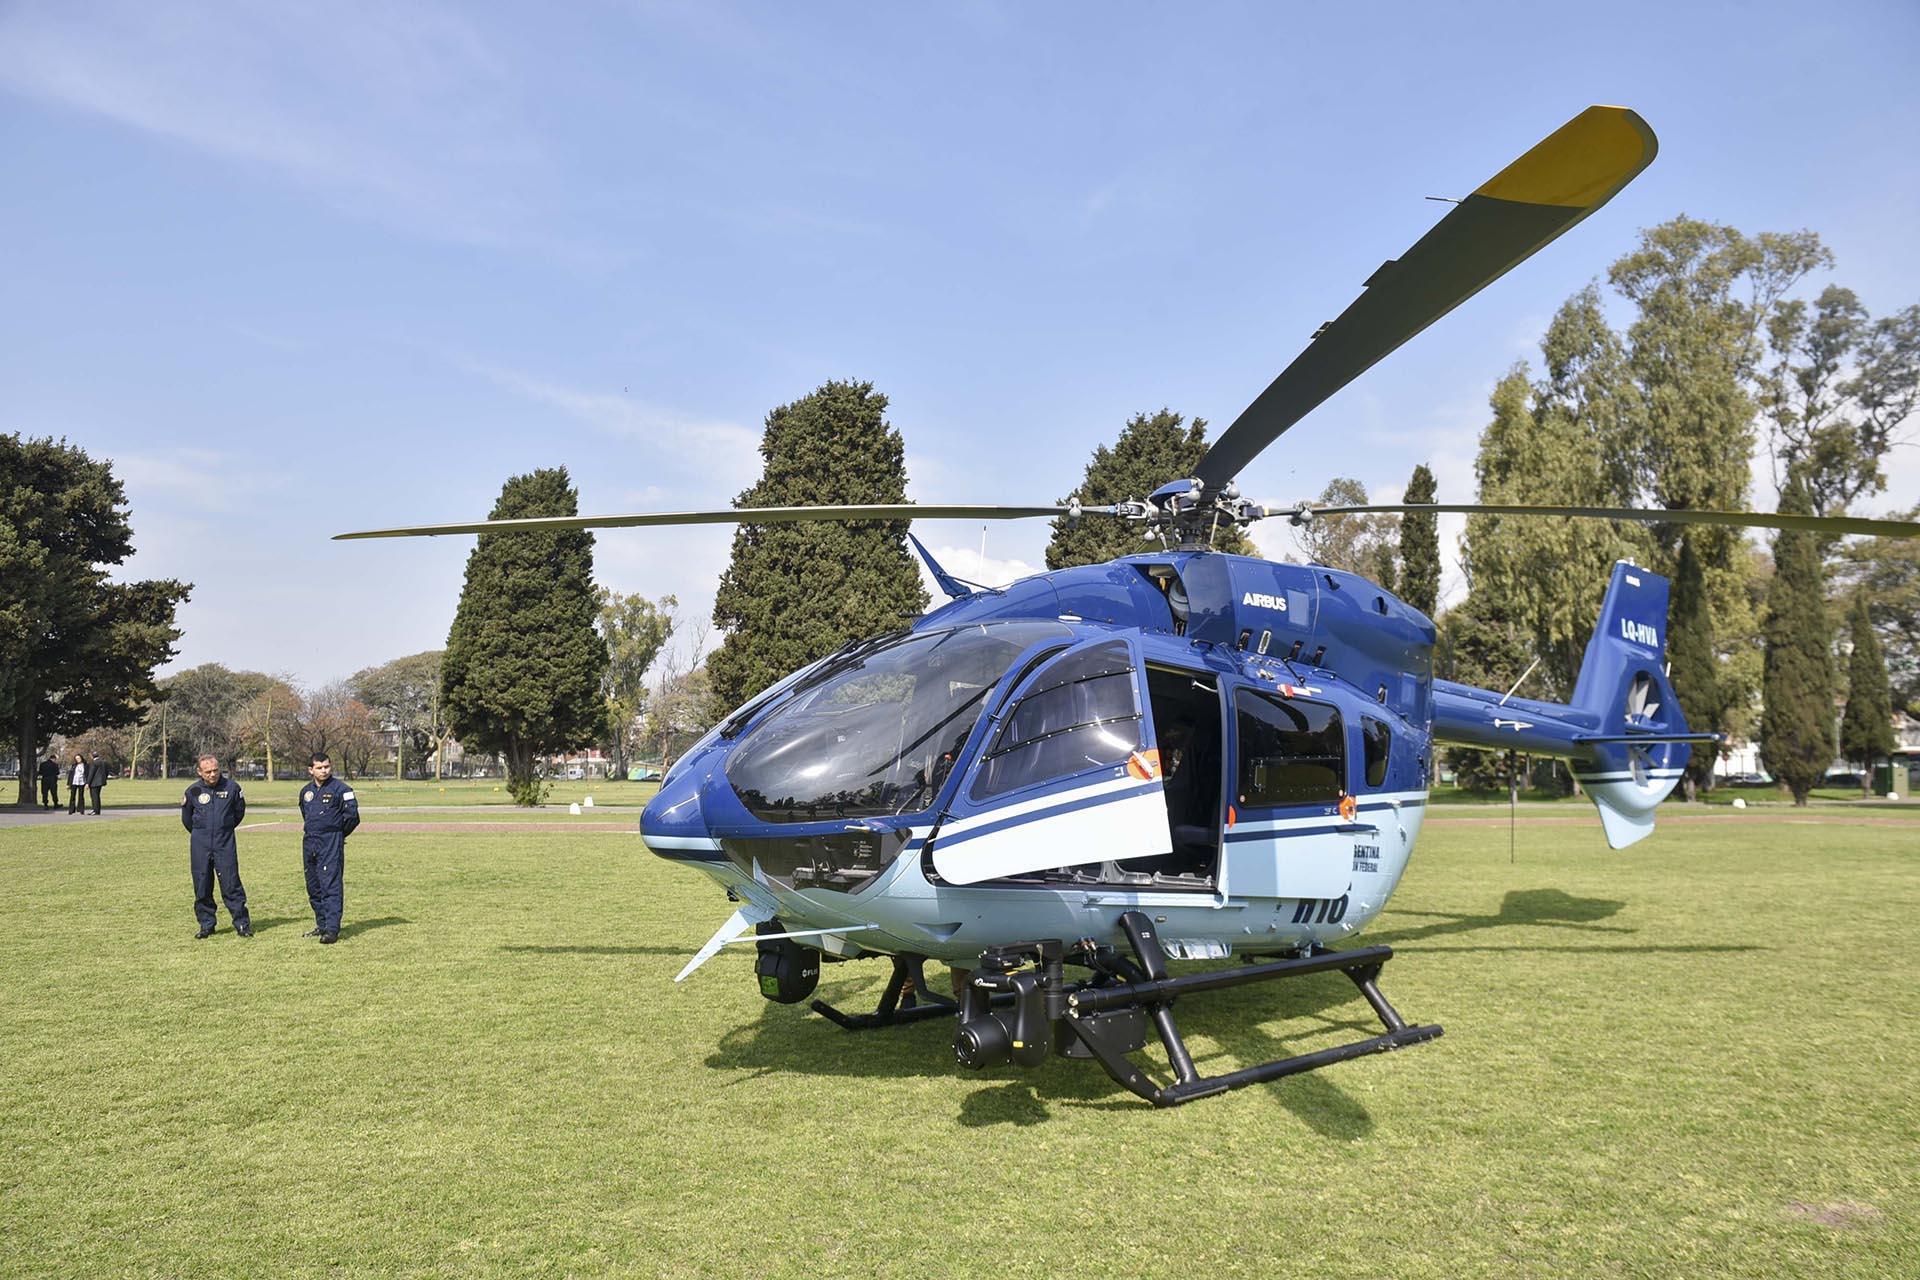 Resultado de imagen para Policía Federal (PFA) sumó el H145 de la empresa alemana Airbus, mientras que la Gendarmería Nacional (GNA) incorporó el AW169 fabricado por la italiana Leonardo.